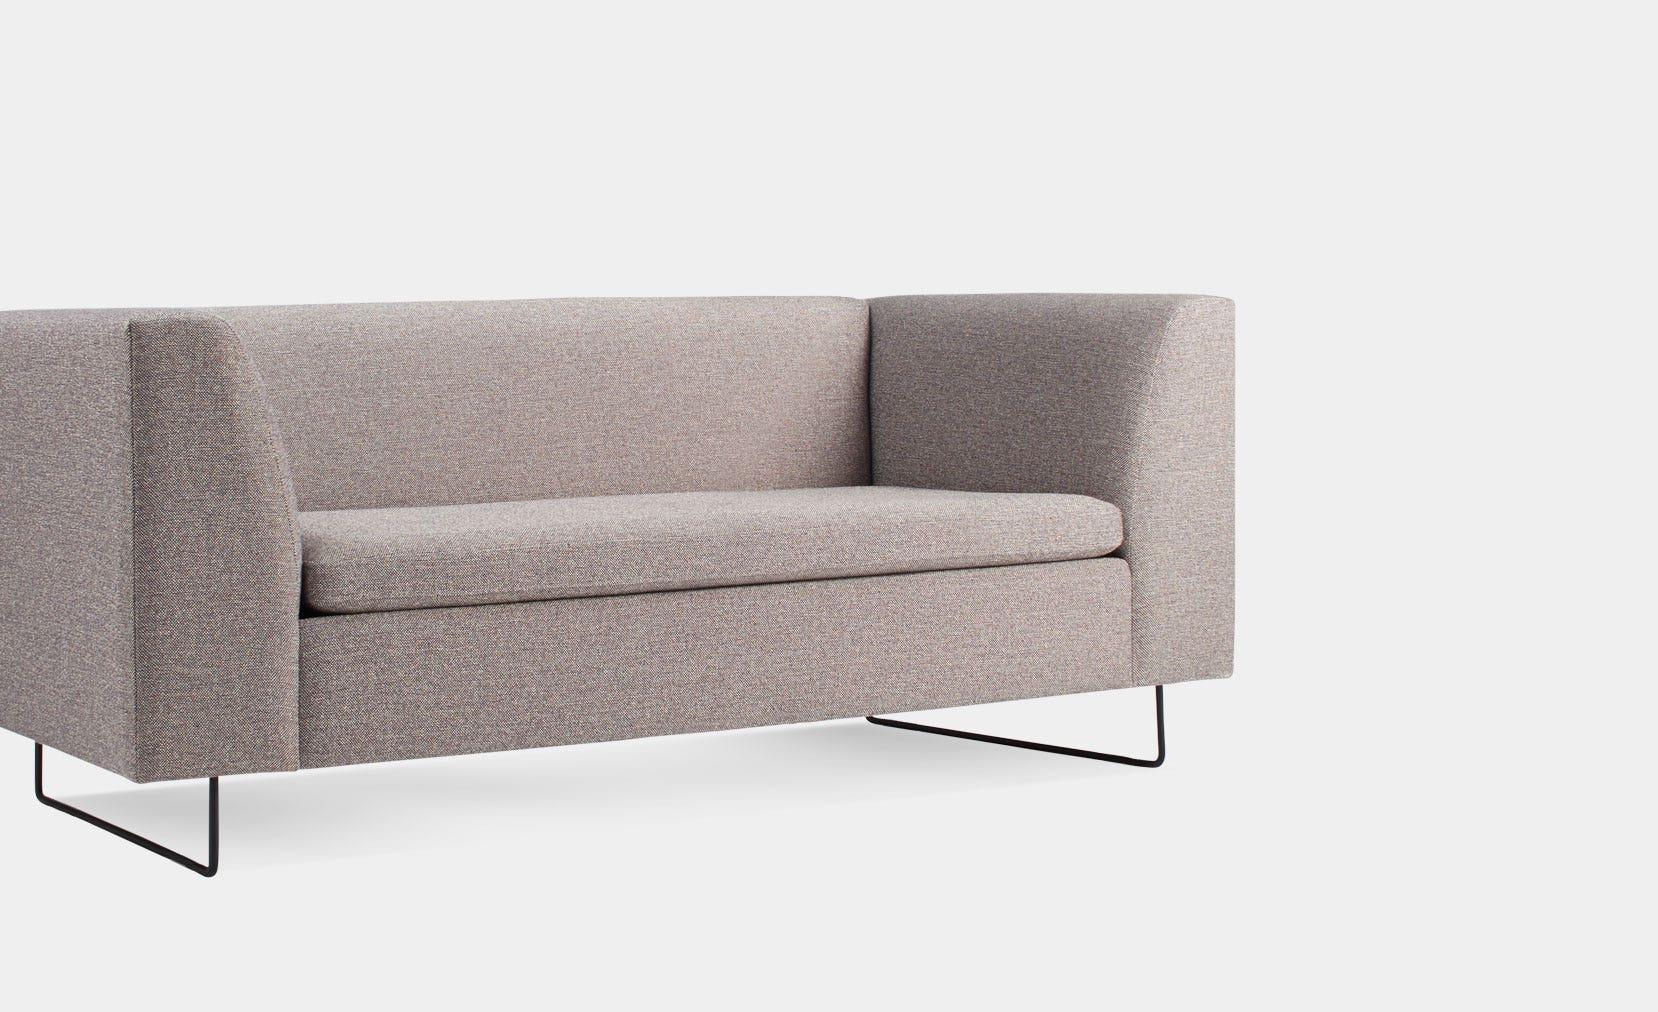 Bonnie Studio Sofa by Blu Dot